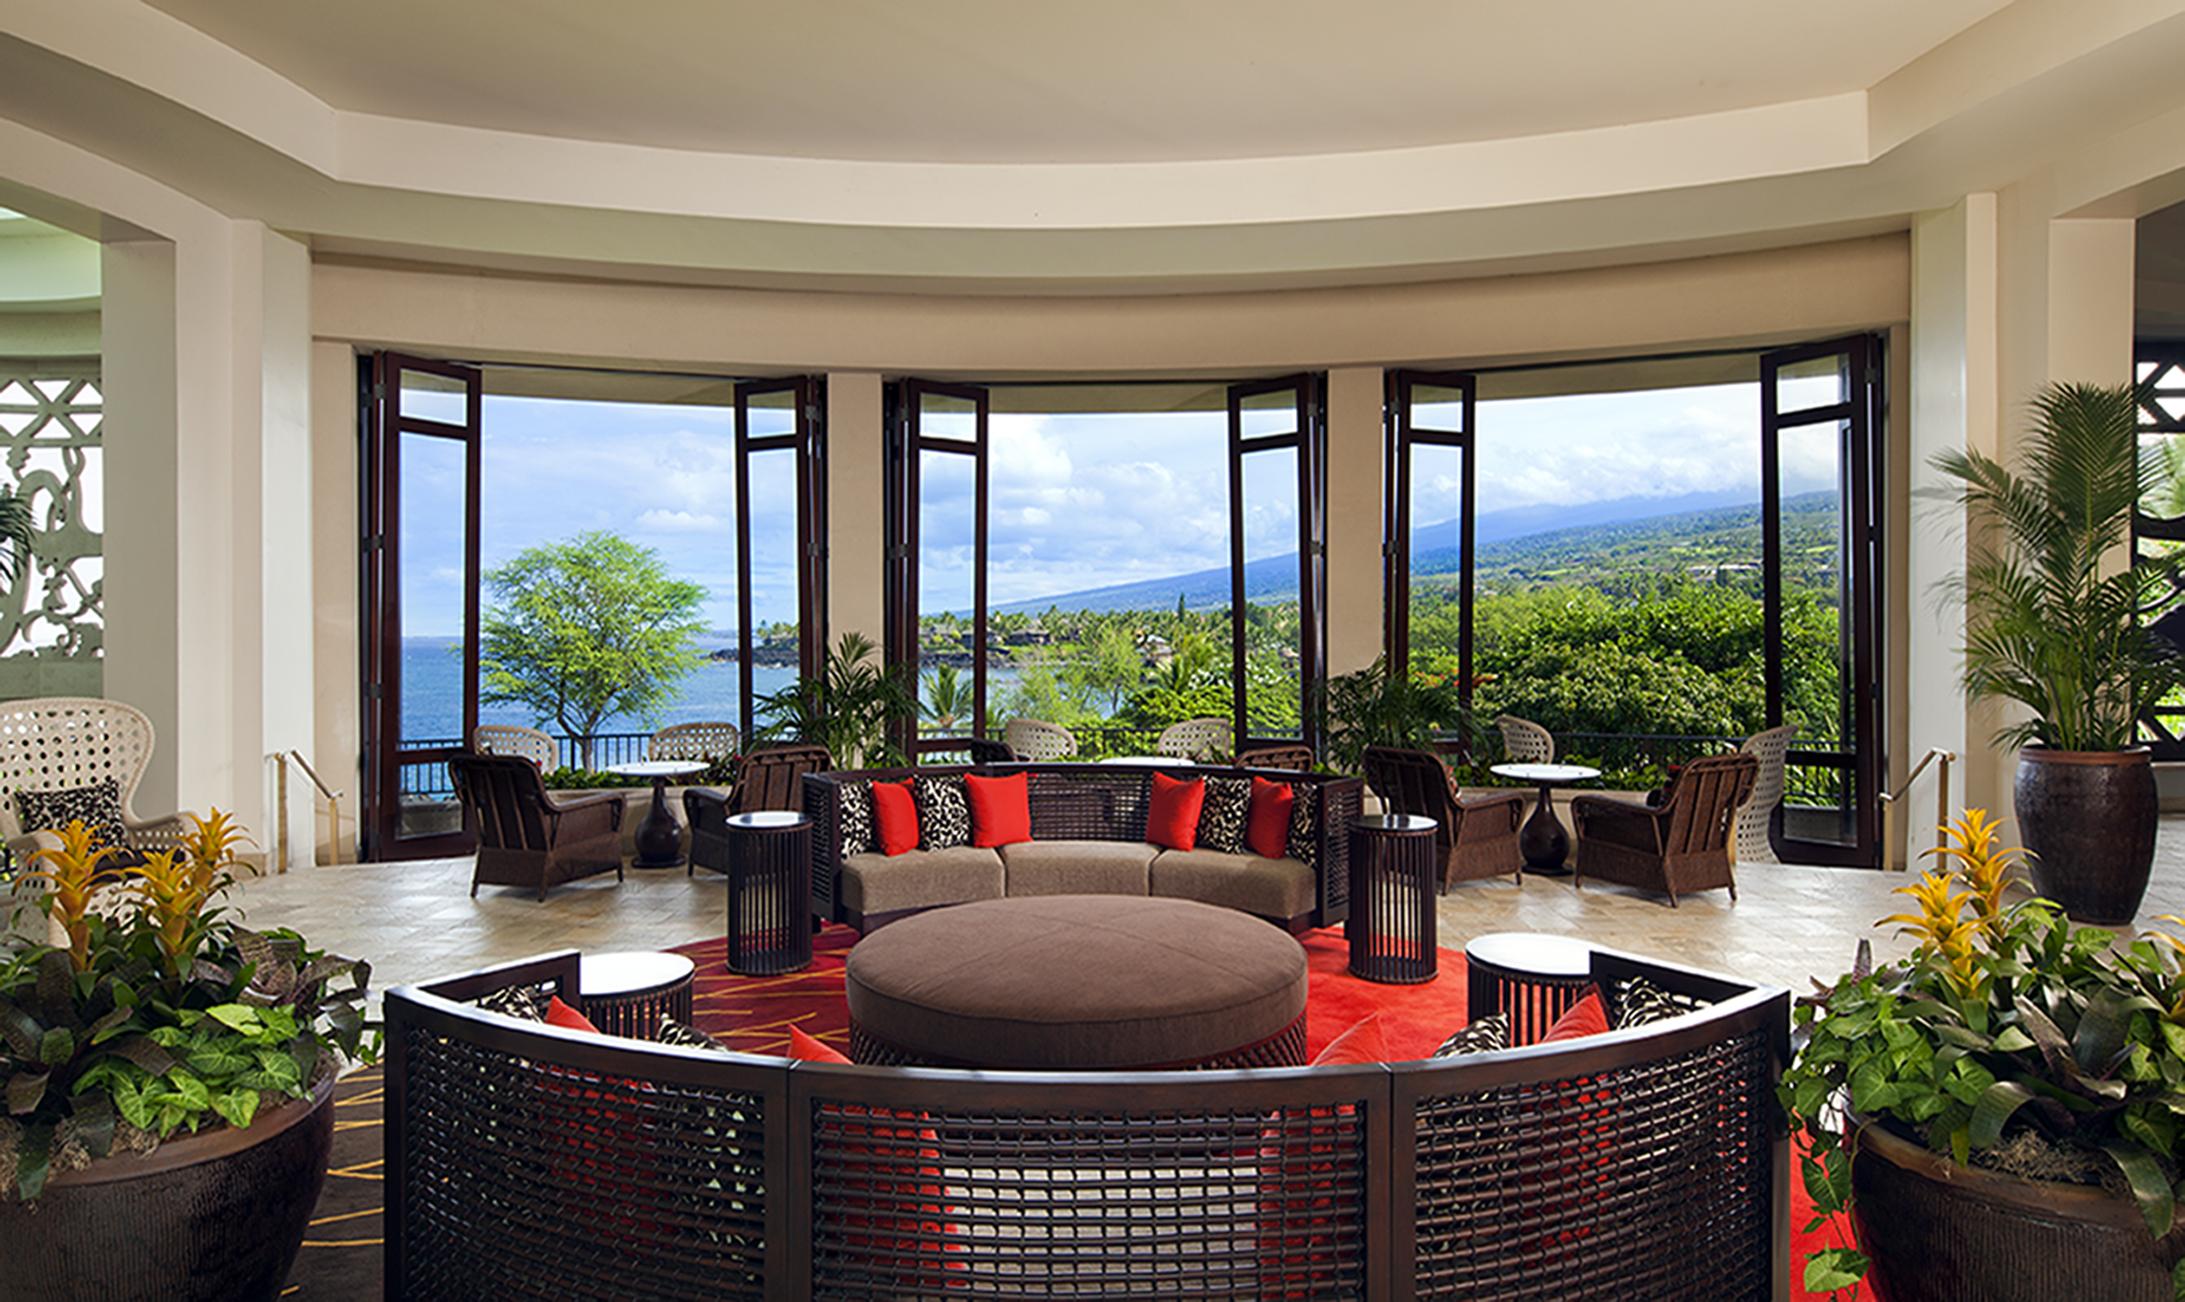 Foto: Sheraton Kona Resort & Spa